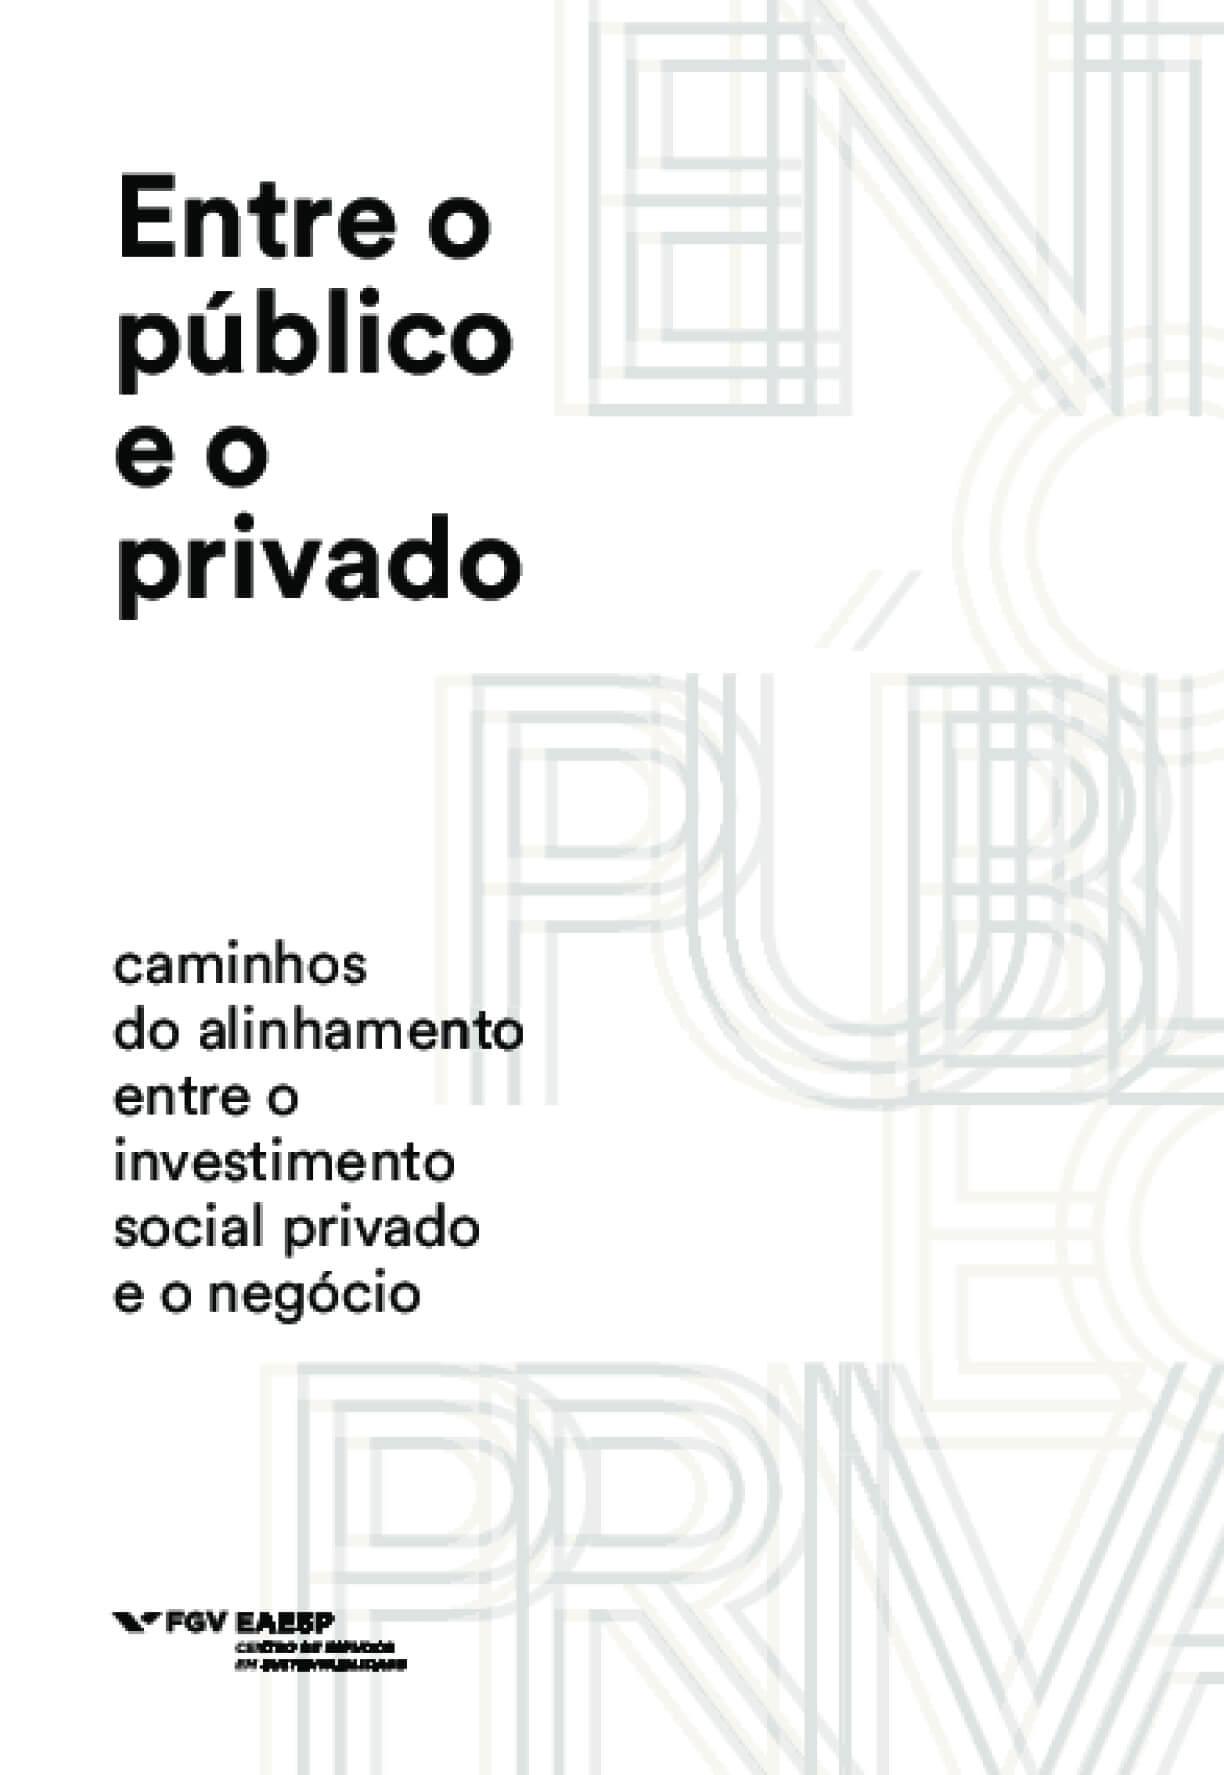 Entre o público e o privado: caminhos do alinhamento entre o investimento social privado e o negócio